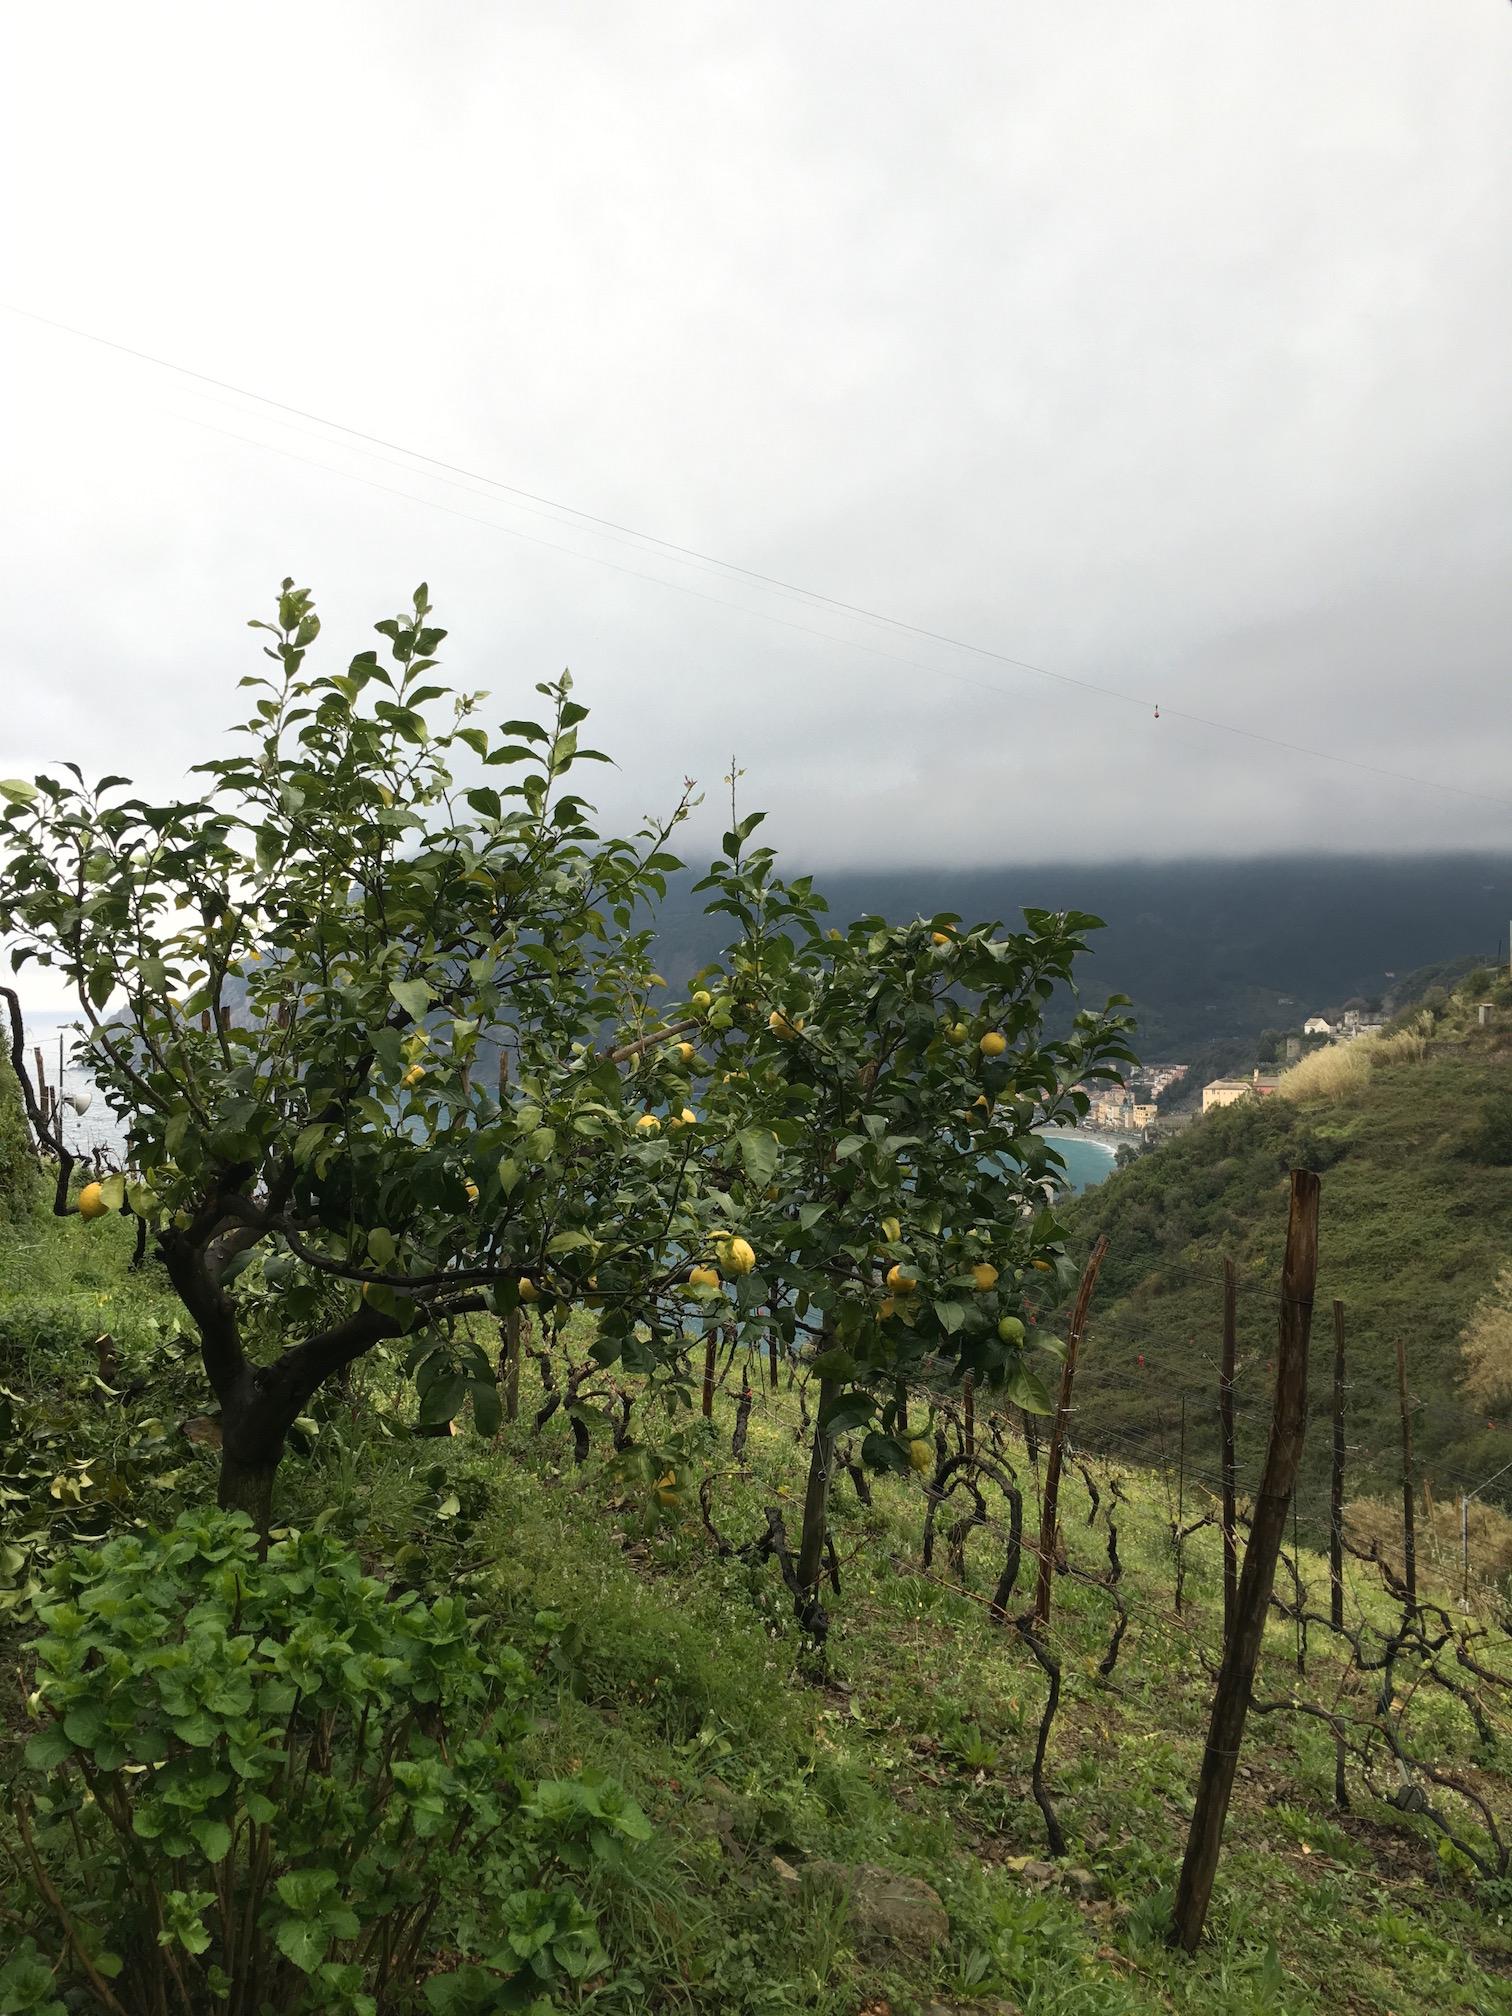 The lemon groves